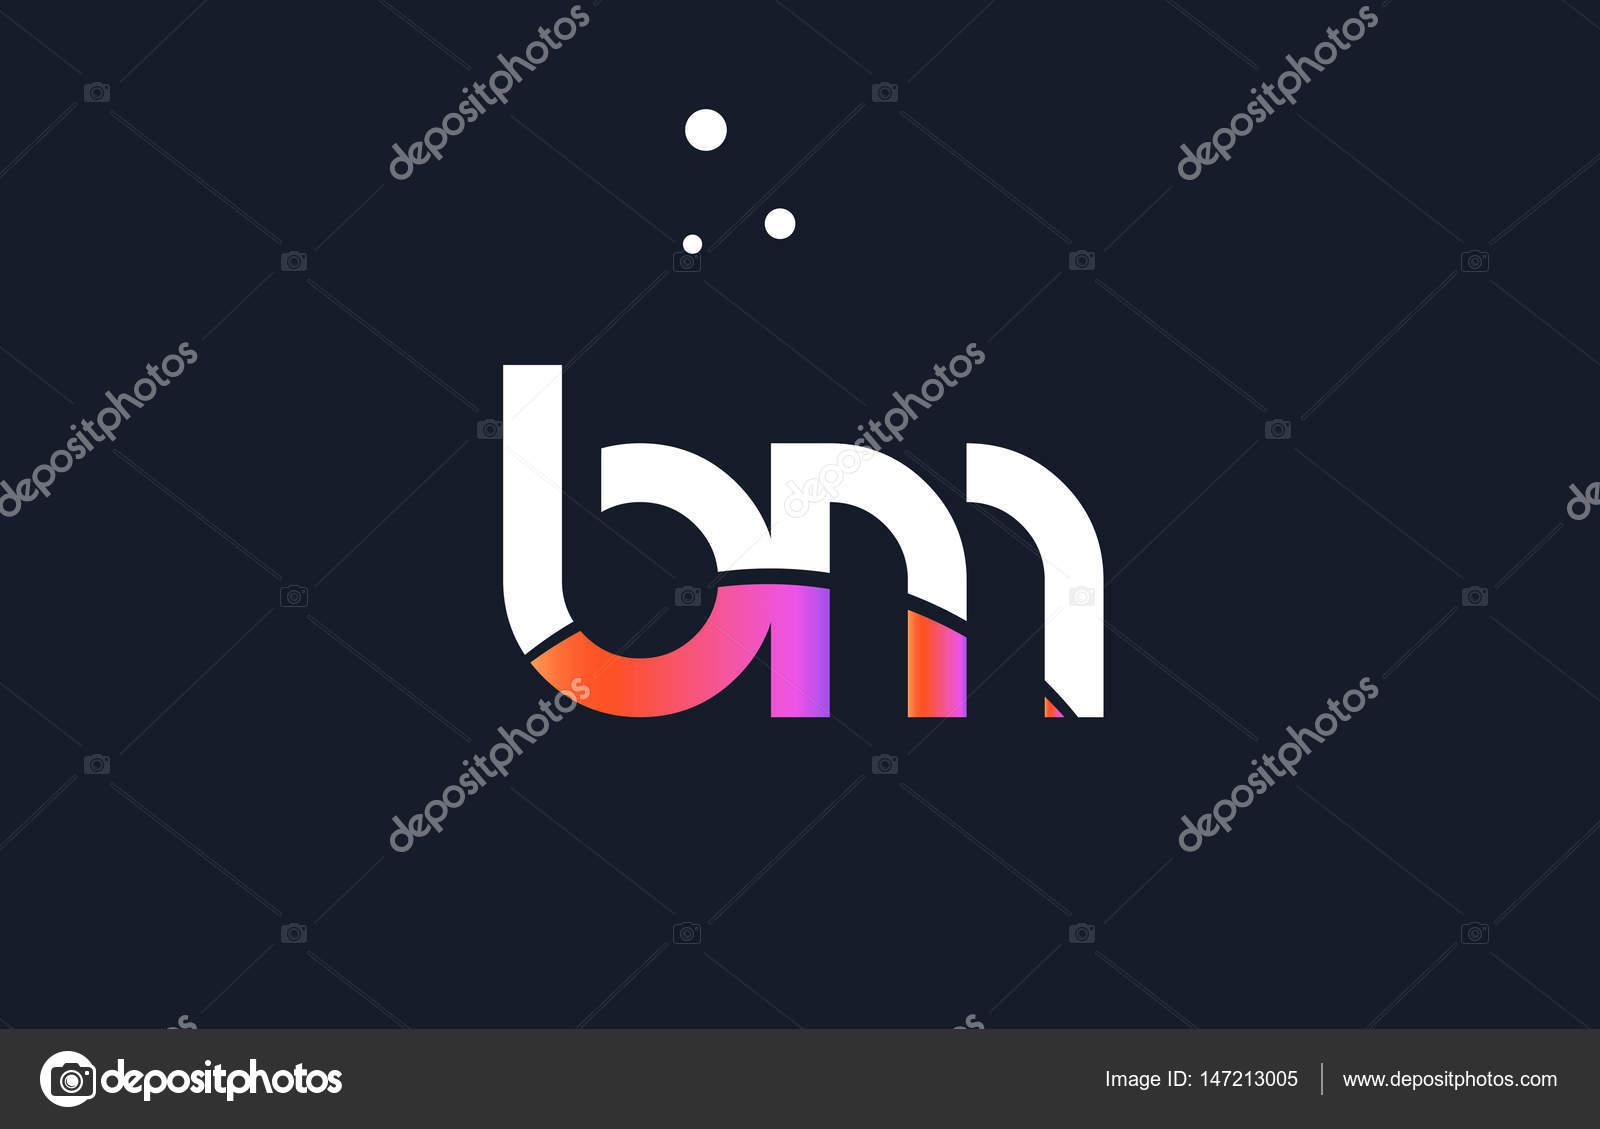 adc29d723 BM b m rosa roxo branco azul alfabeto letra logotipo ícone templat — Vetores  de Stock